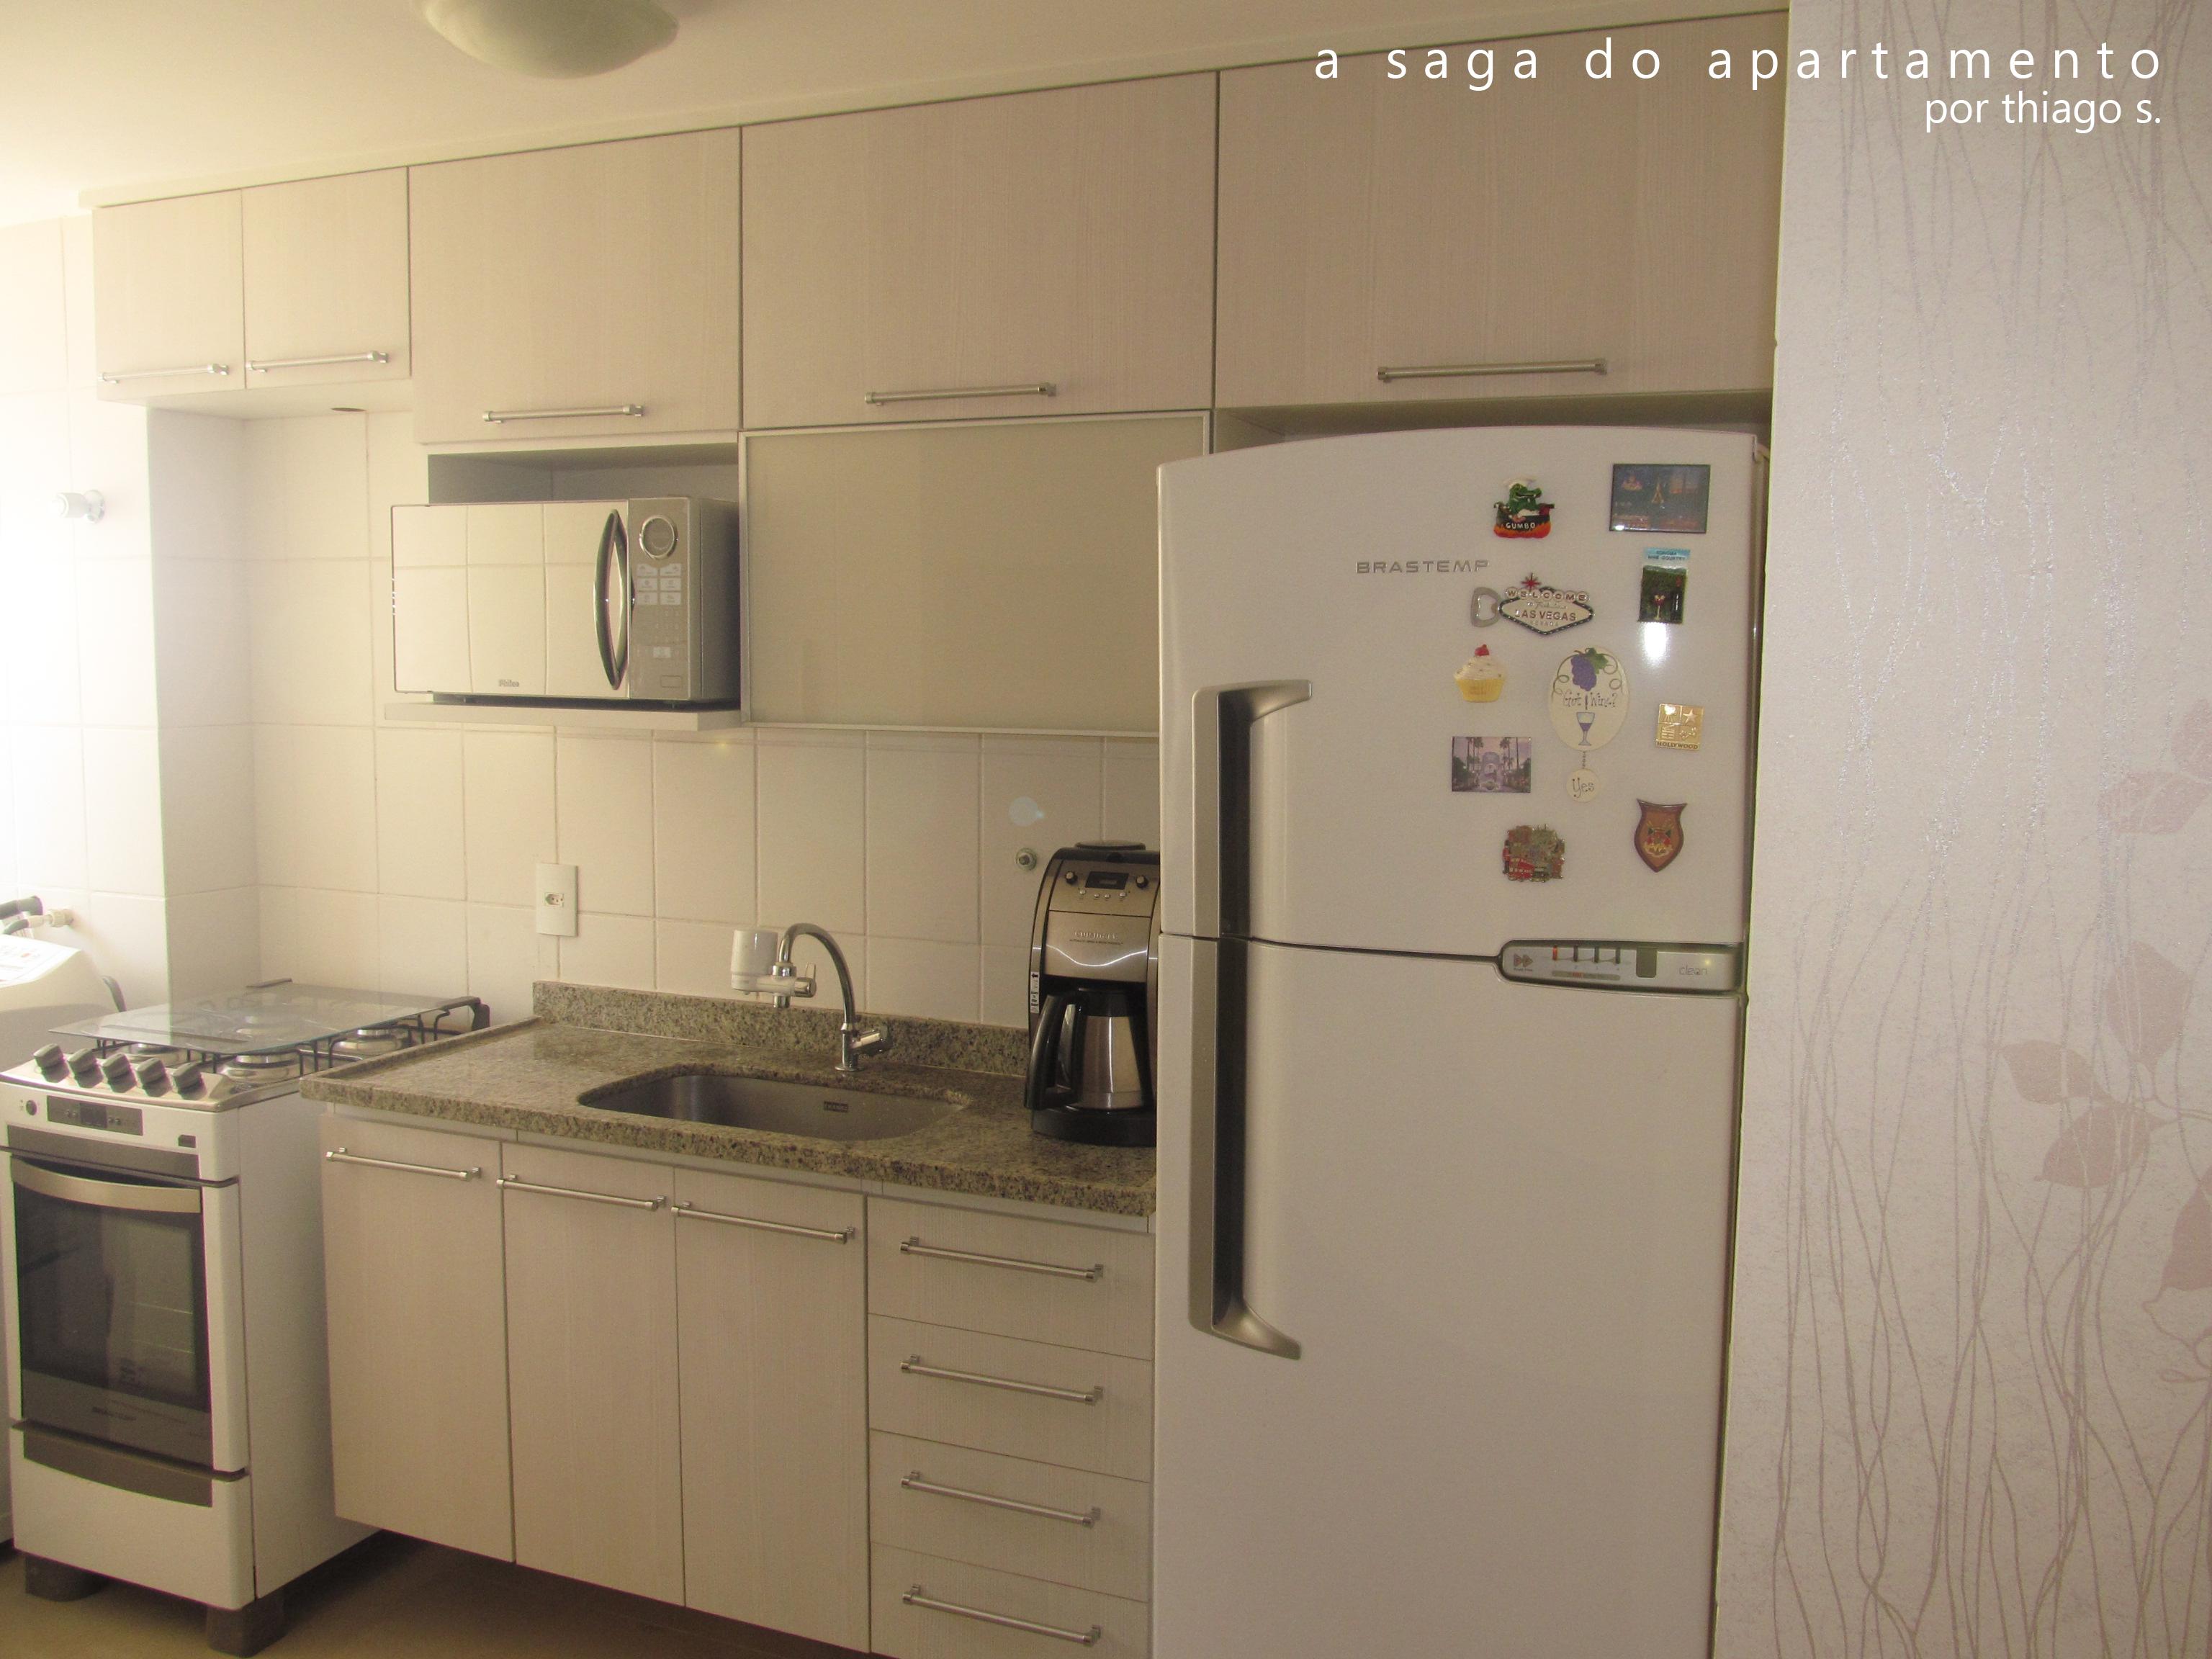 #90743B cozinha planejada italínea bon bini cor aspen 3072x2304 px Projeto Cozinha Pequena Planejada_4321 Imagens